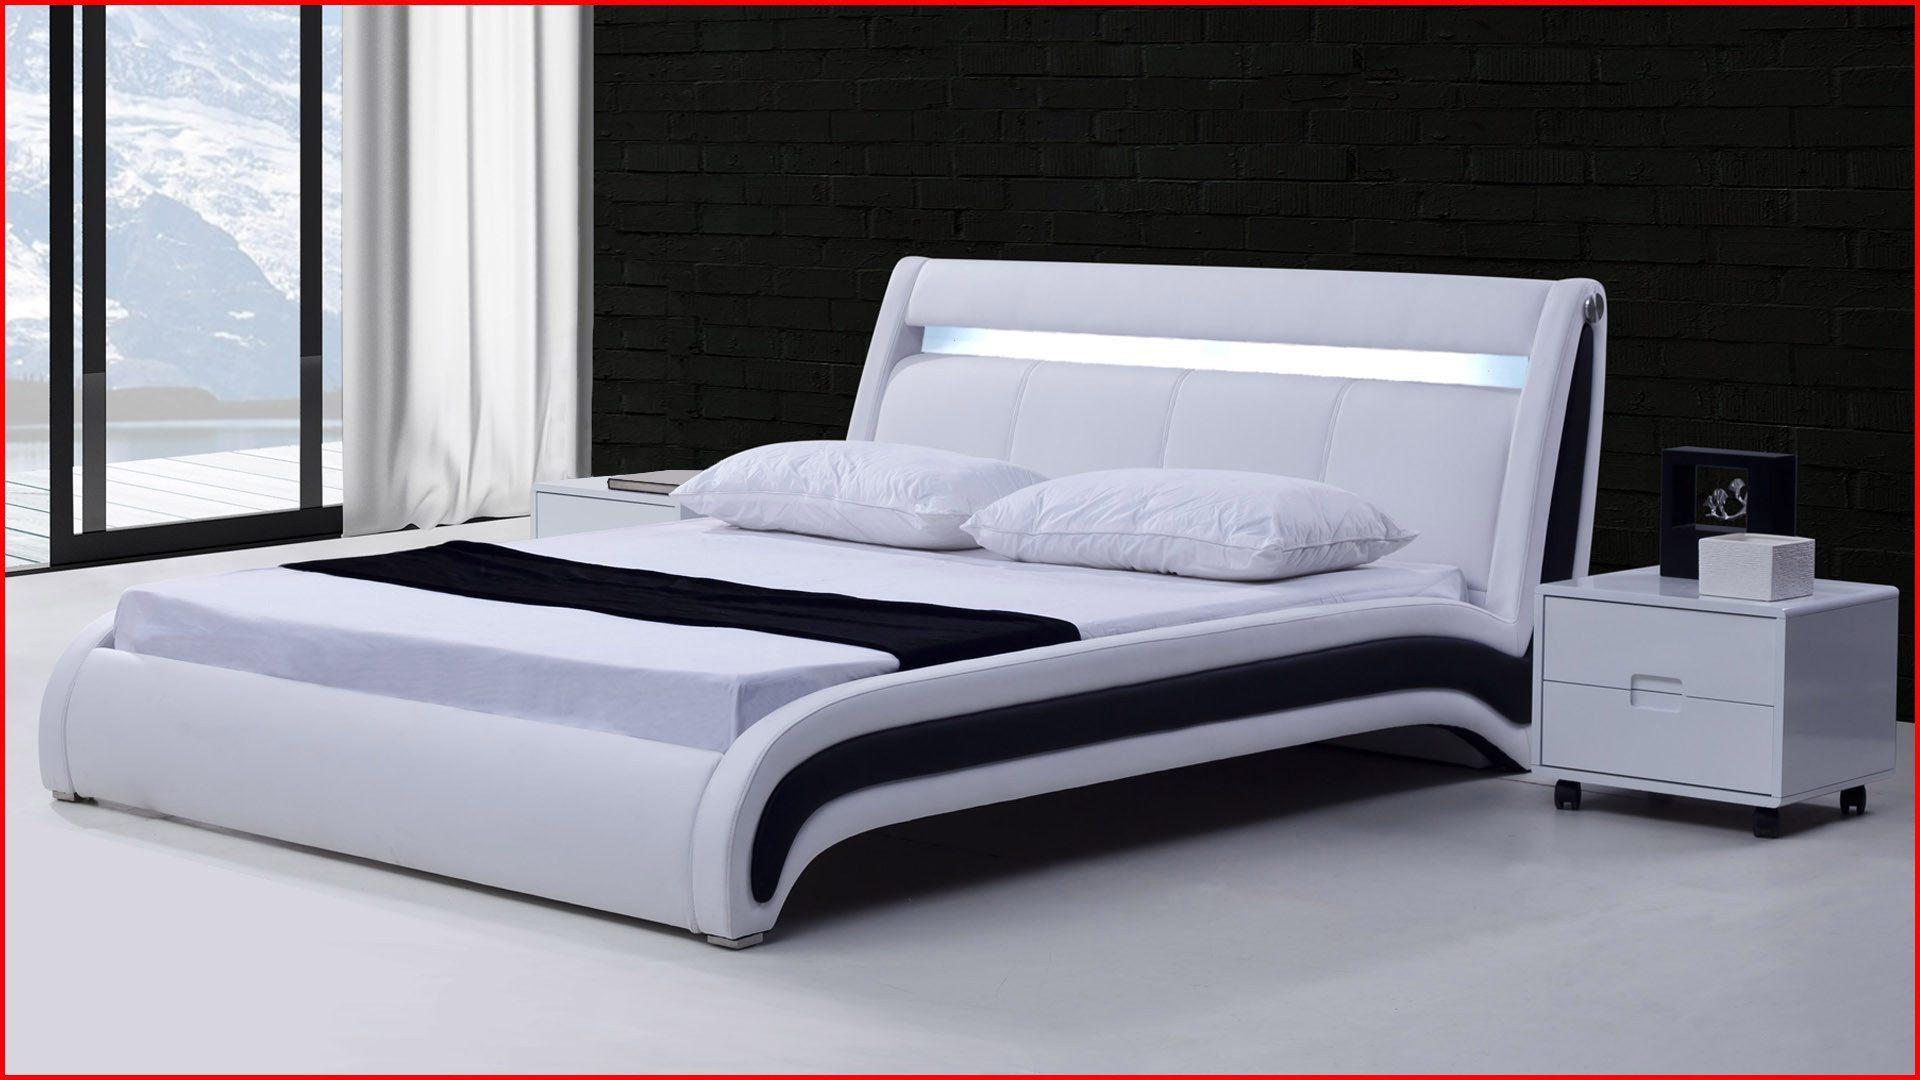 Lit Tiroir Ikea De Luxe Lit 80 190 Matras 190 X 140 Inspirerende Bett 80—200 Ikea Schön Groß